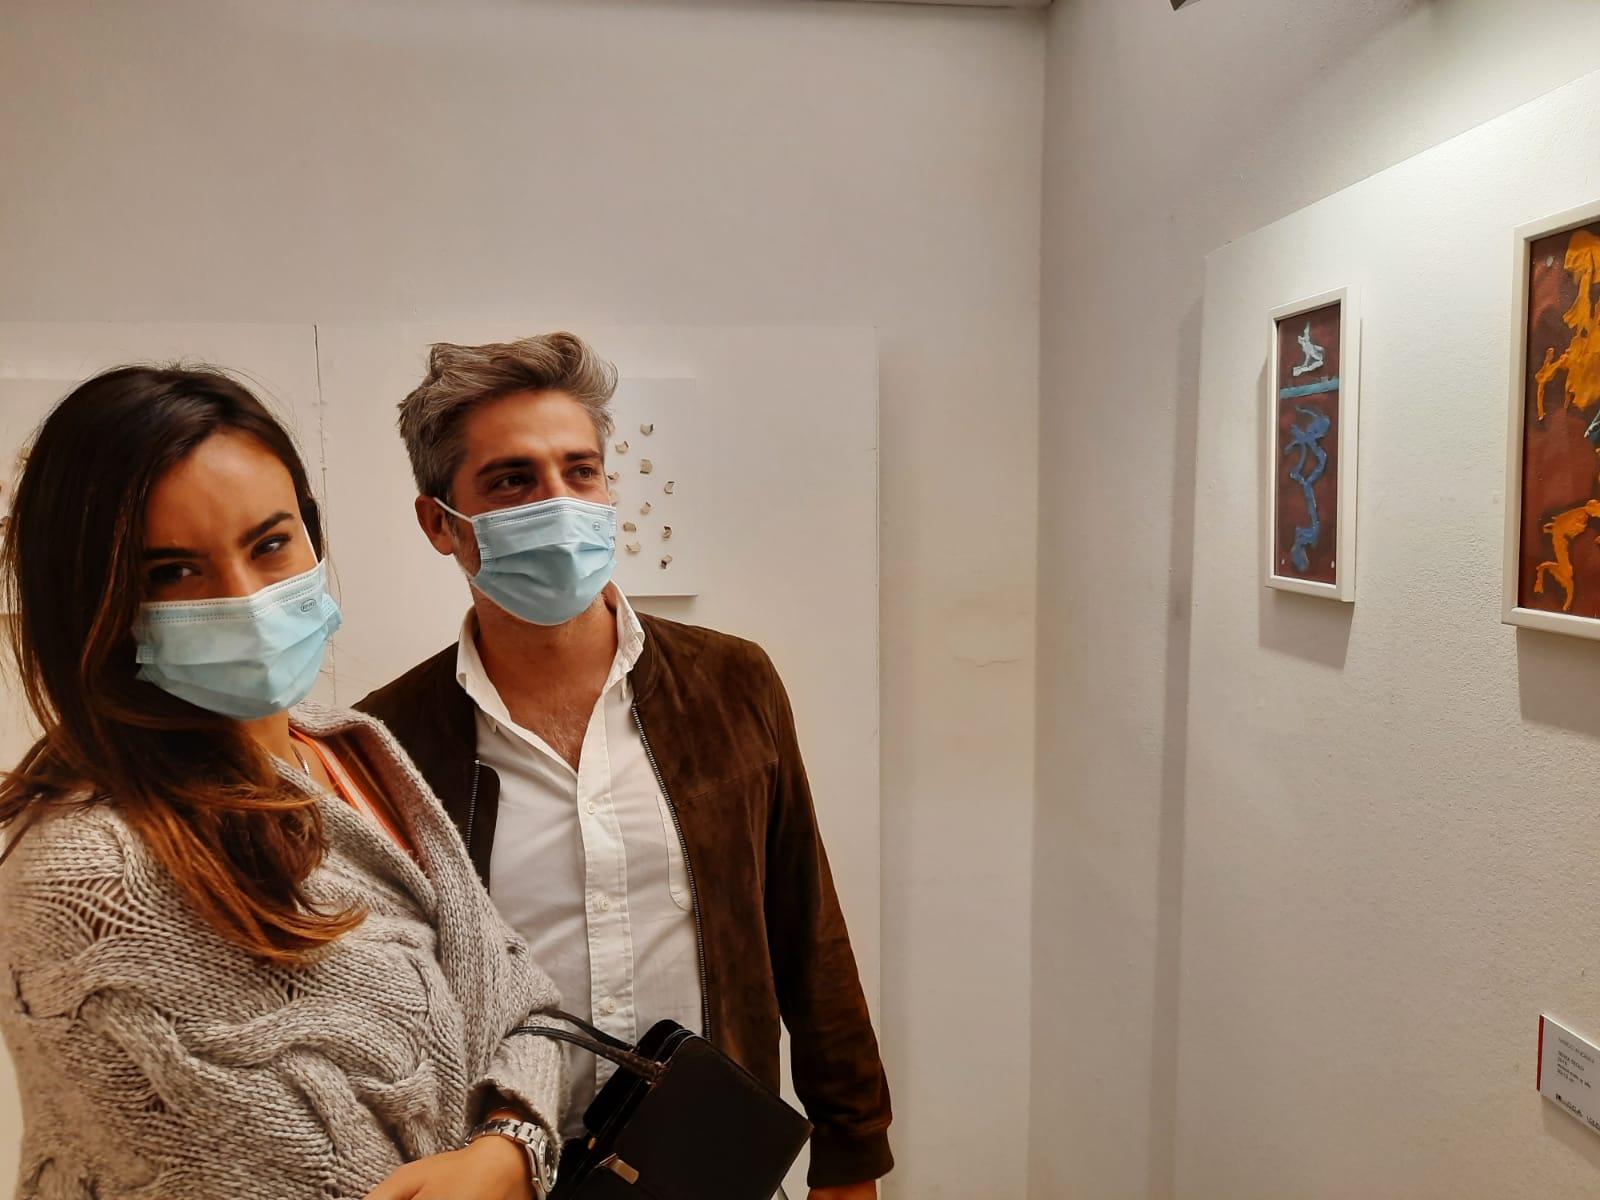 36. La tensione astratta dei segni, bi-personale Marco Angelini - Andrea Pinchi, a cura di Raffaella Salato